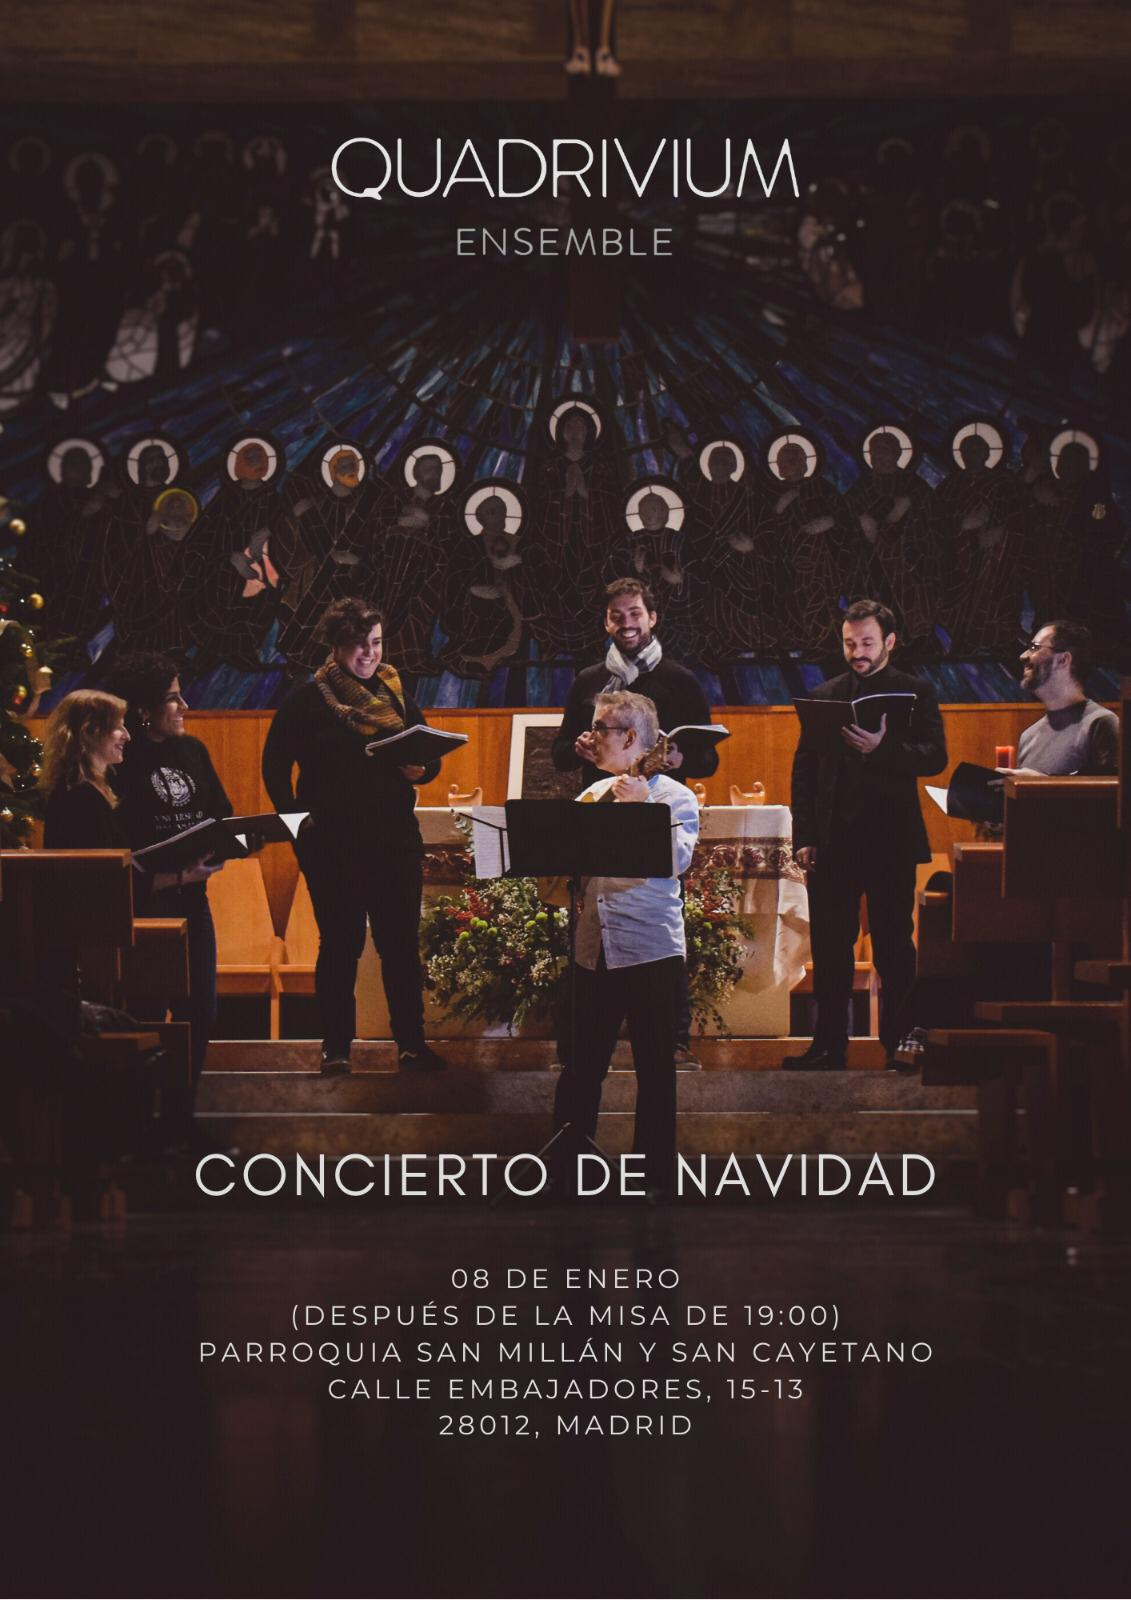 pmillancayetano-concierto-navidad-qudrivium